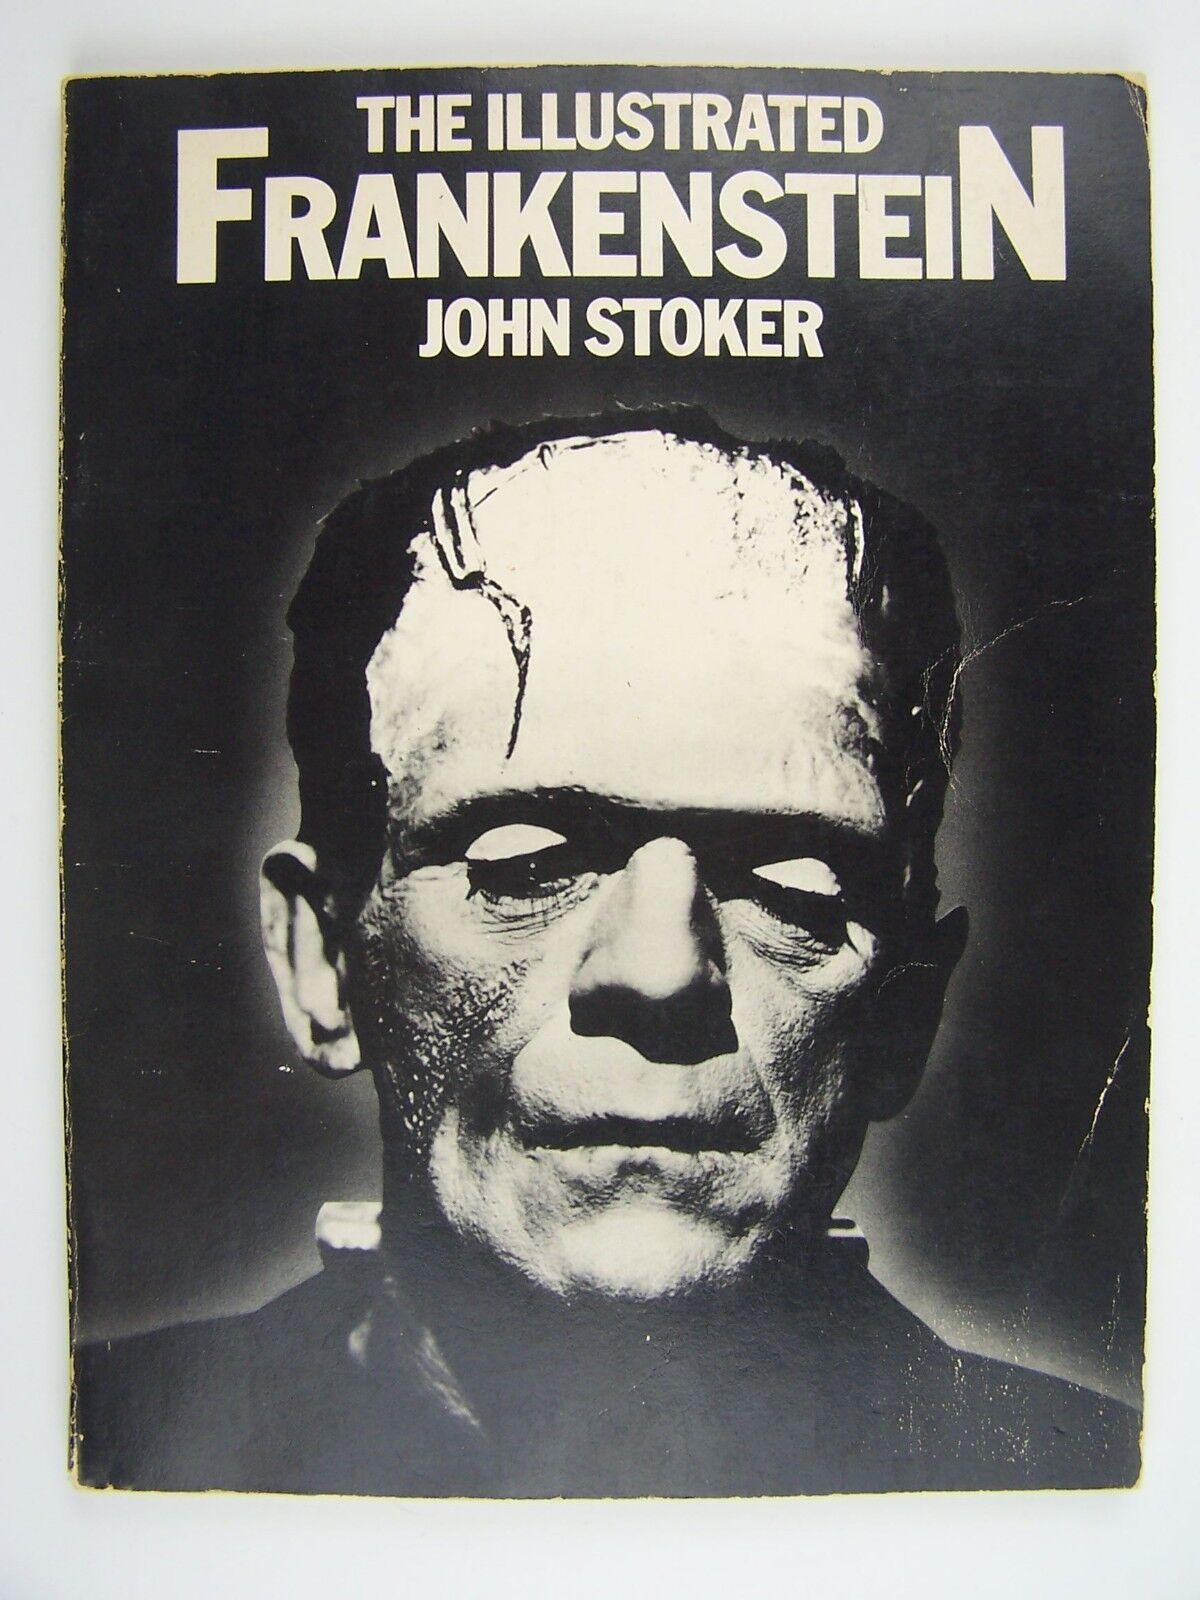 The Illustrated Frankenstein Paperback by John Stoker